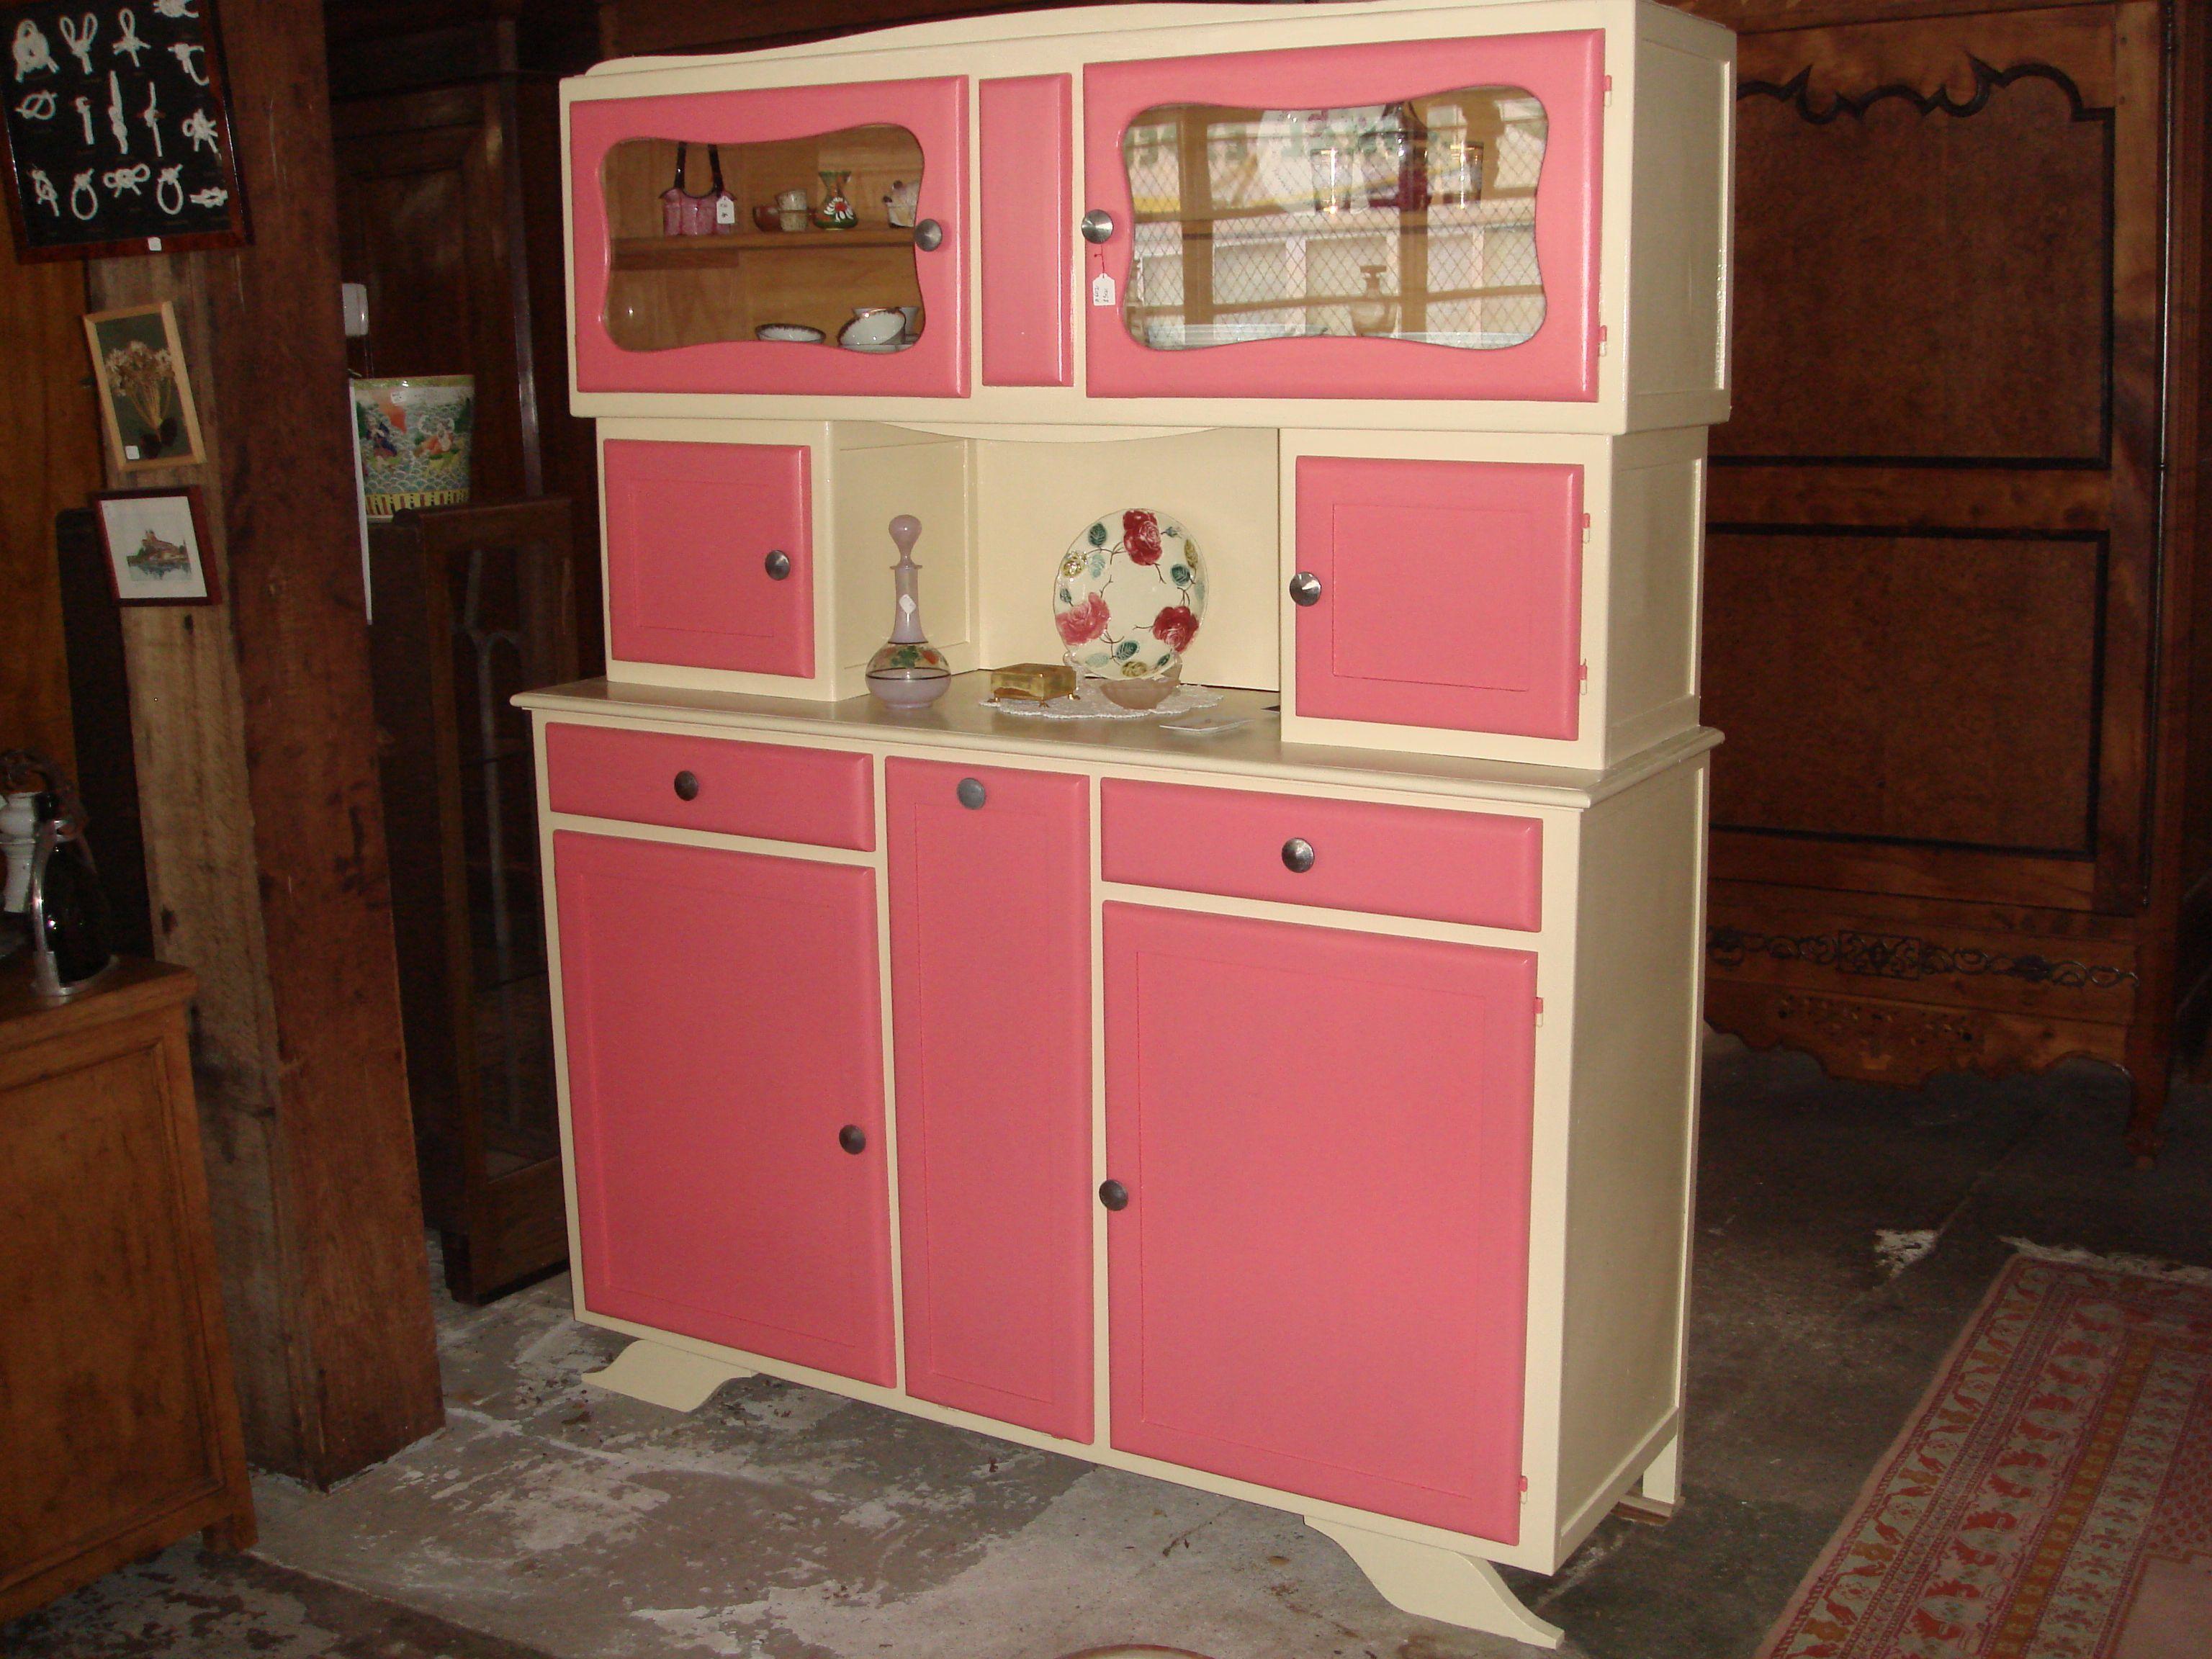 Omas Küchenbuffet ~ Buffet mado rose et blanc cupboards part 2 pinterest buffet